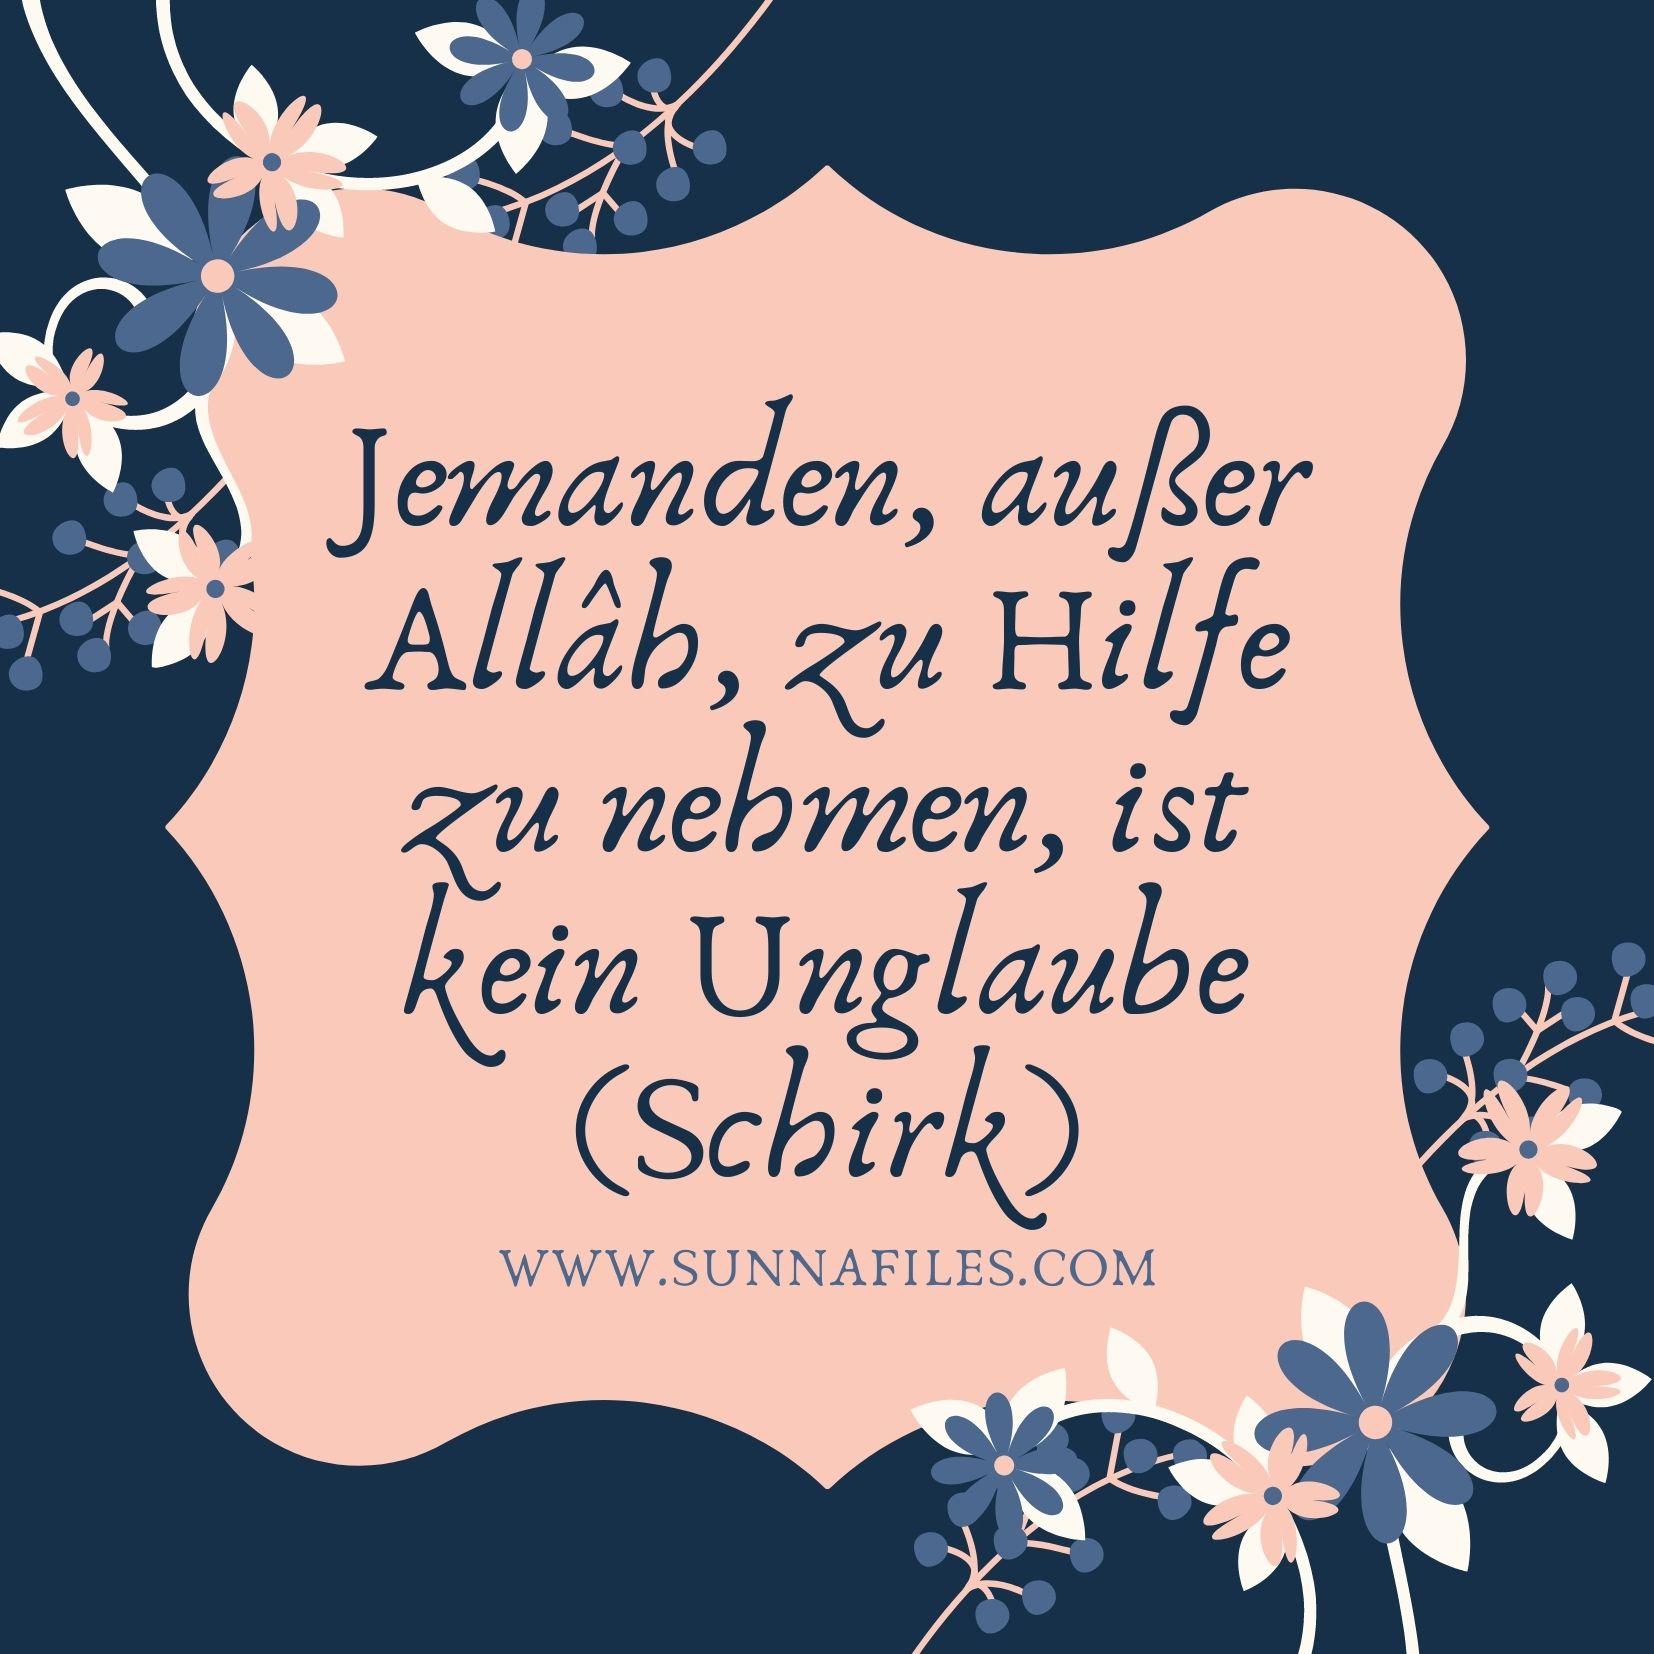 Vergebung bitten um islam jemanden Das höchste